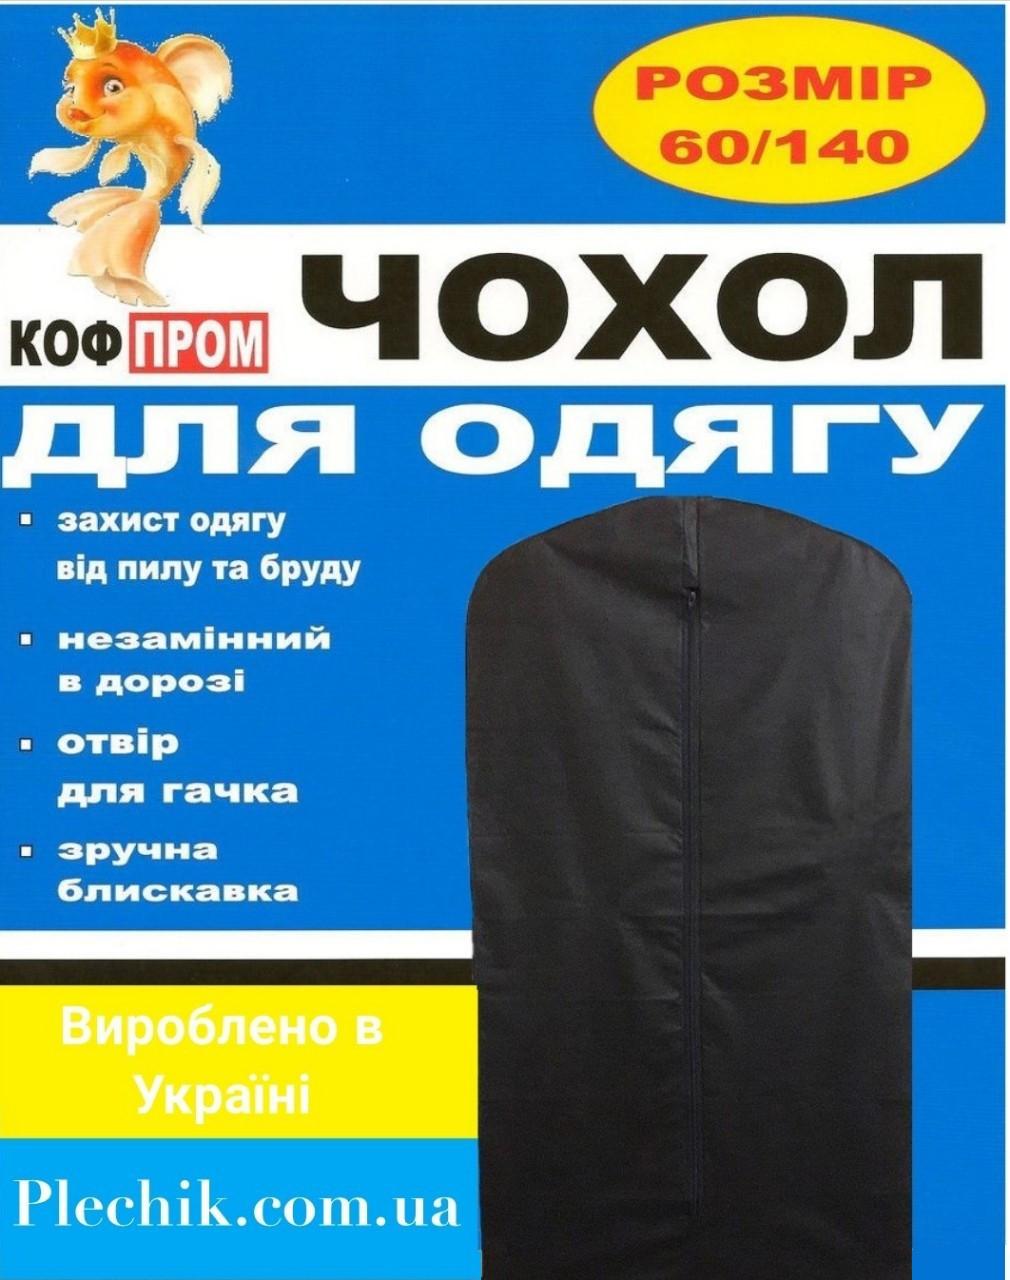 Чехол для хранения одежды флизелиновый на молнии коричневого цвета, размер 60*140 см